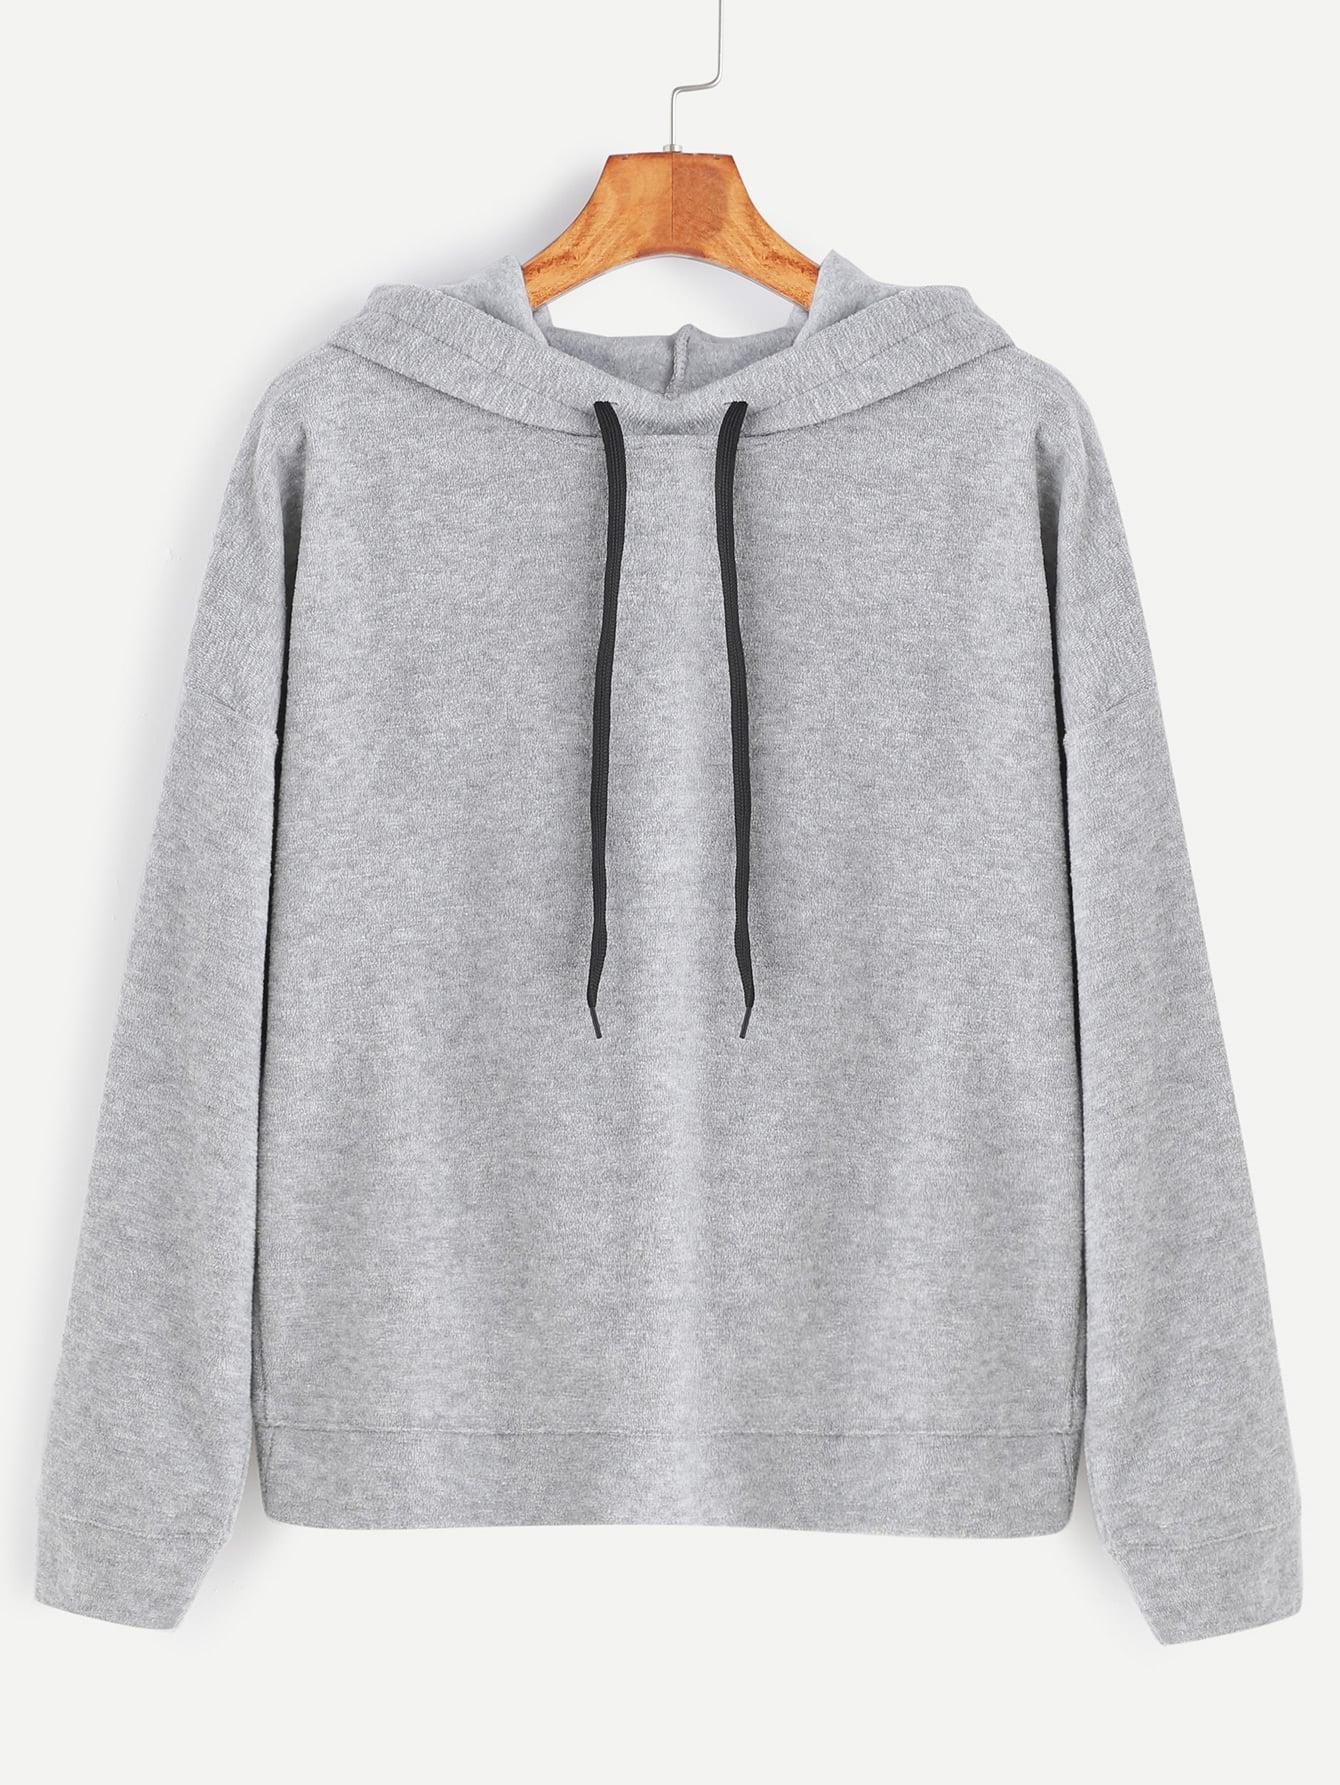 Pale Grey Overlap Back Drawstring Hooded Sweatshirt alien print drop shoulder hooded drawstring sweatshirt